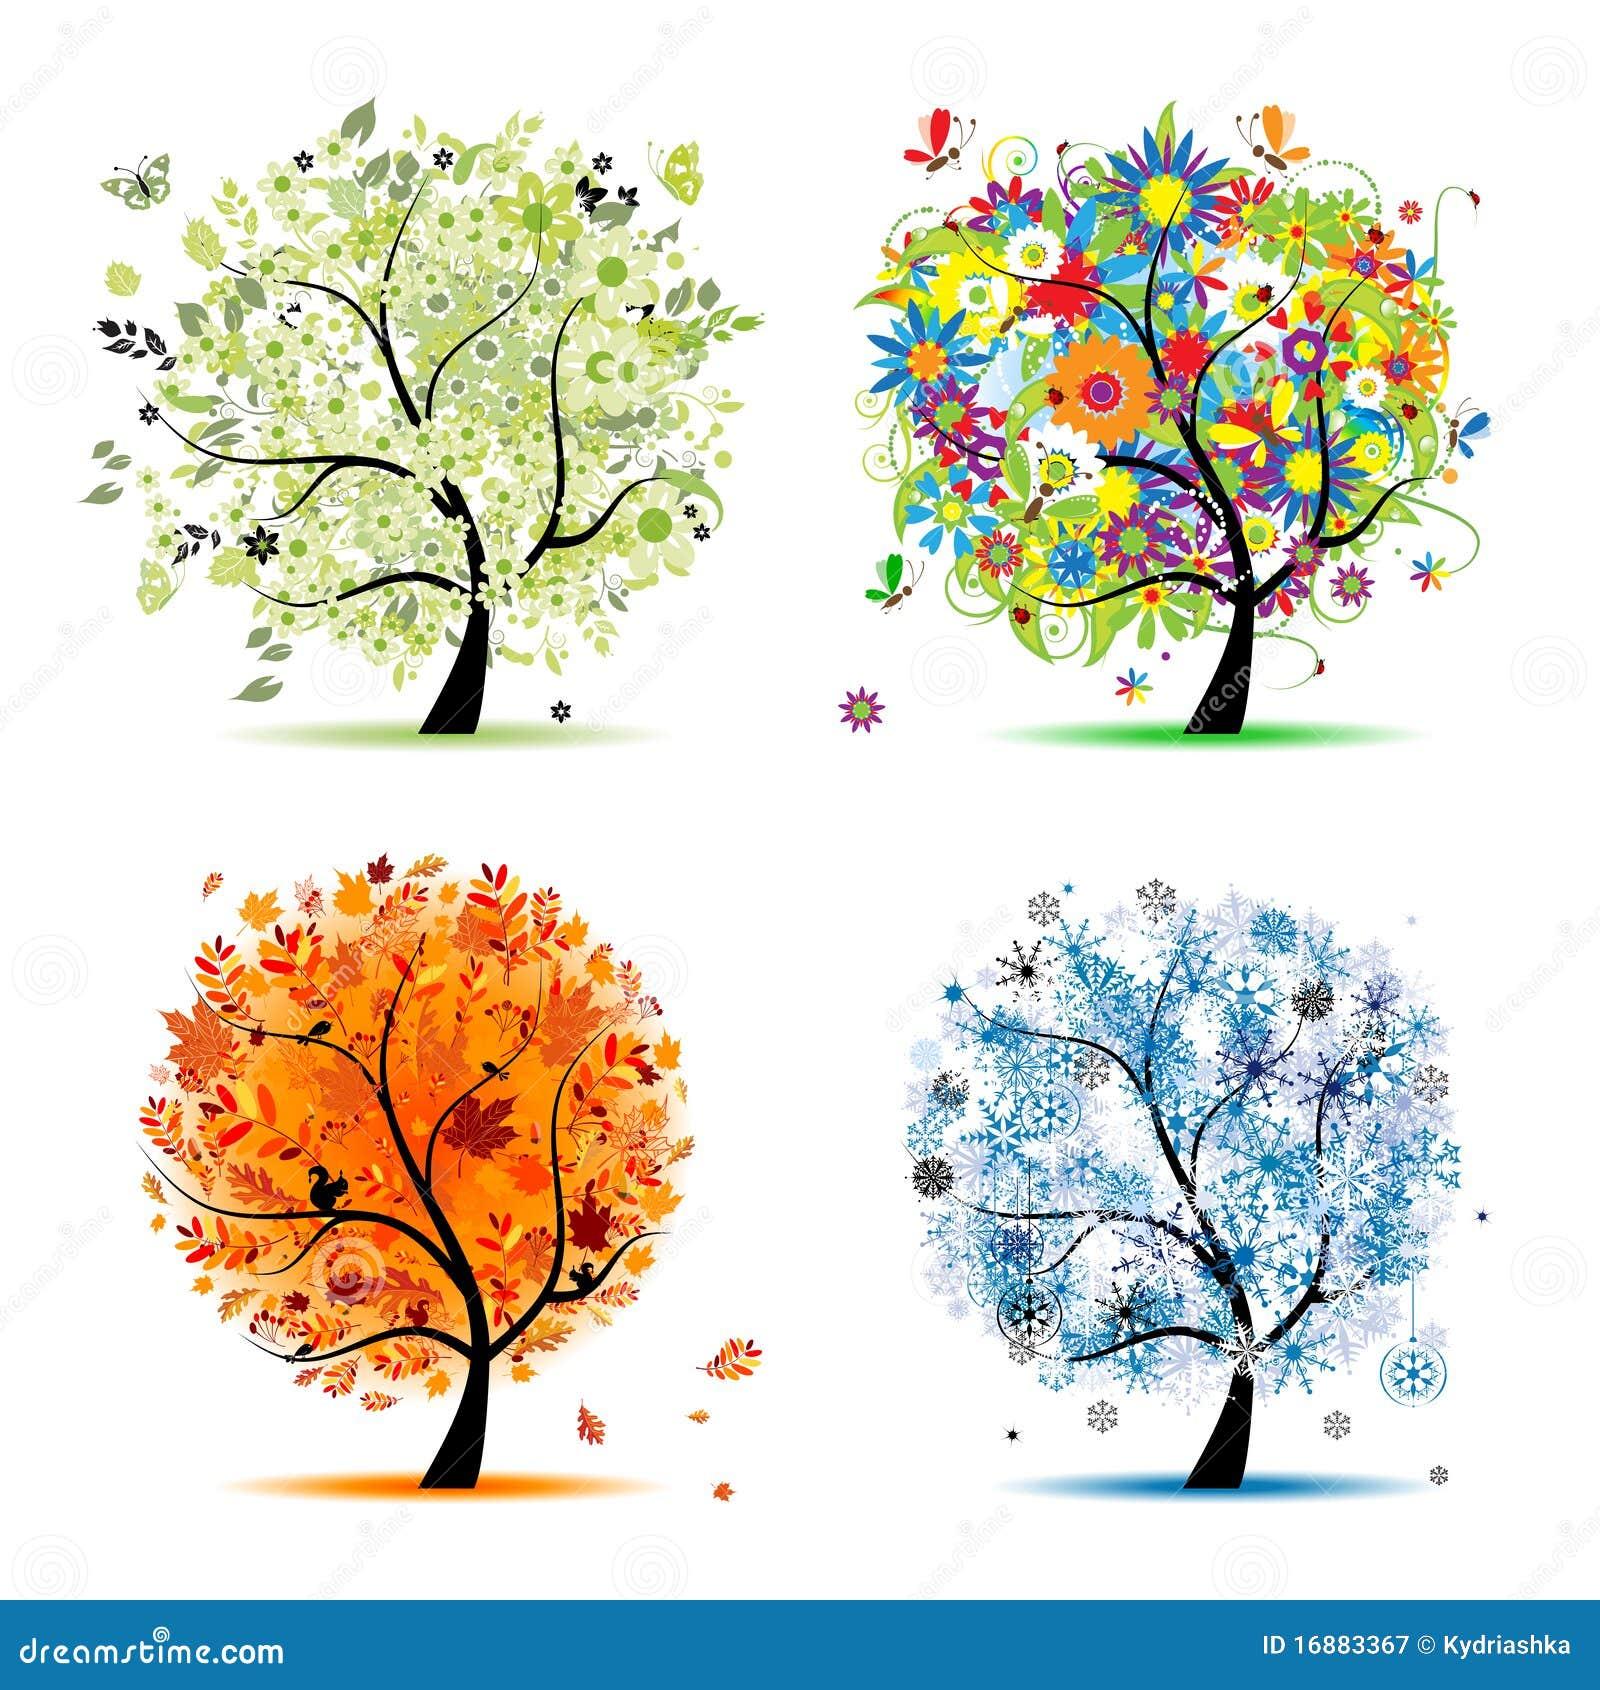 Картинки рябины зимой весной и осенью